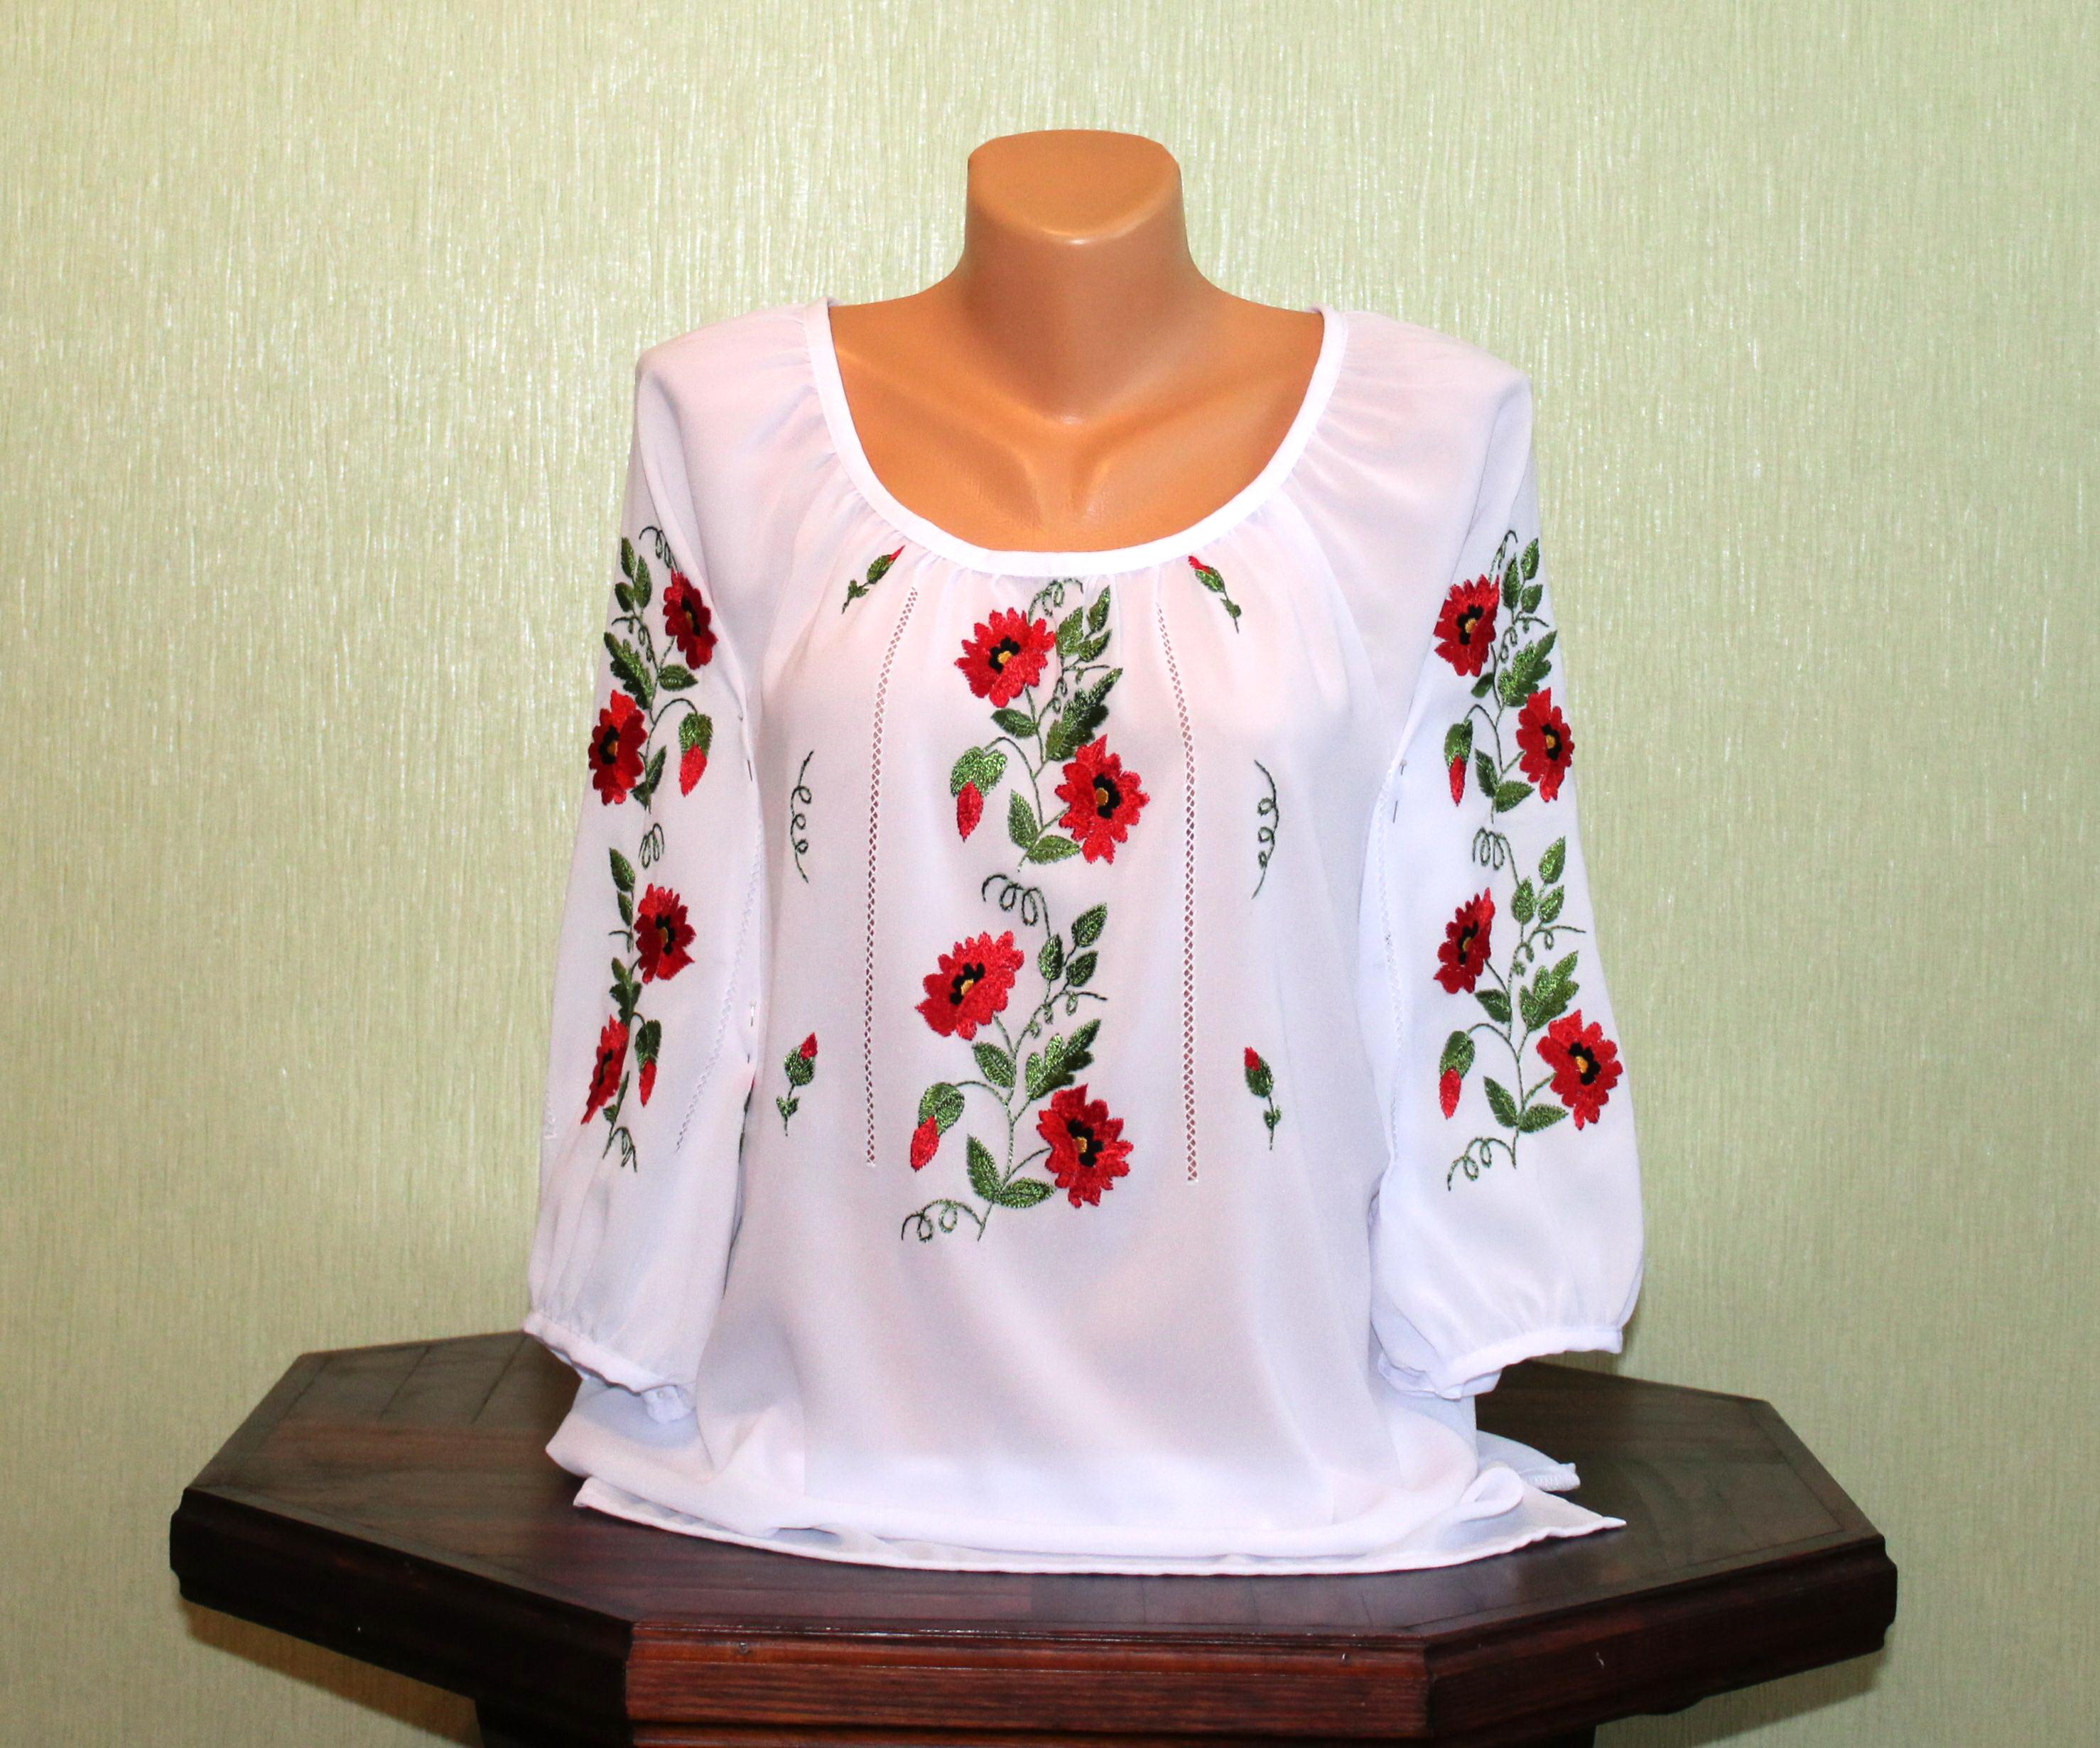 Вишита жіноча сорочка на білому шифоні з маками. Ручна робота ... 3c3fcd4c88a2e